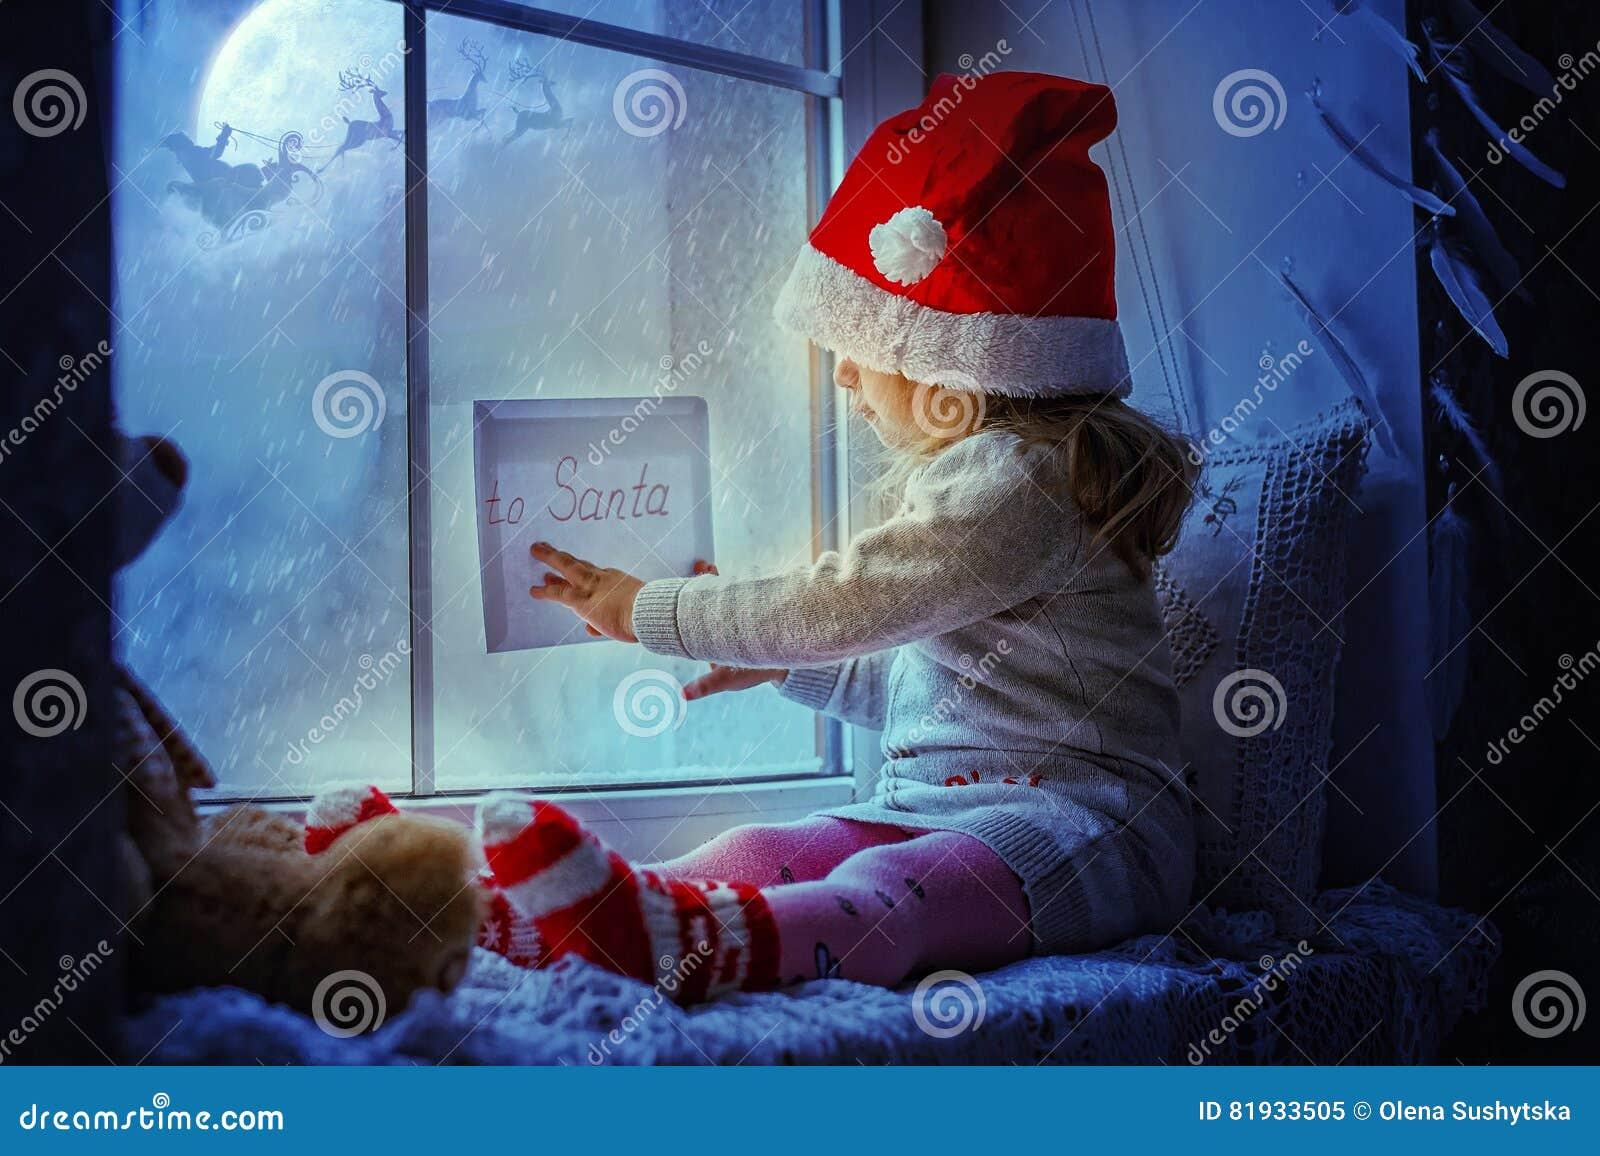 Bambina sveglia che si siede dalla finestra con una lettera a santa claus immagine stock - Finestra che non si chiude ...